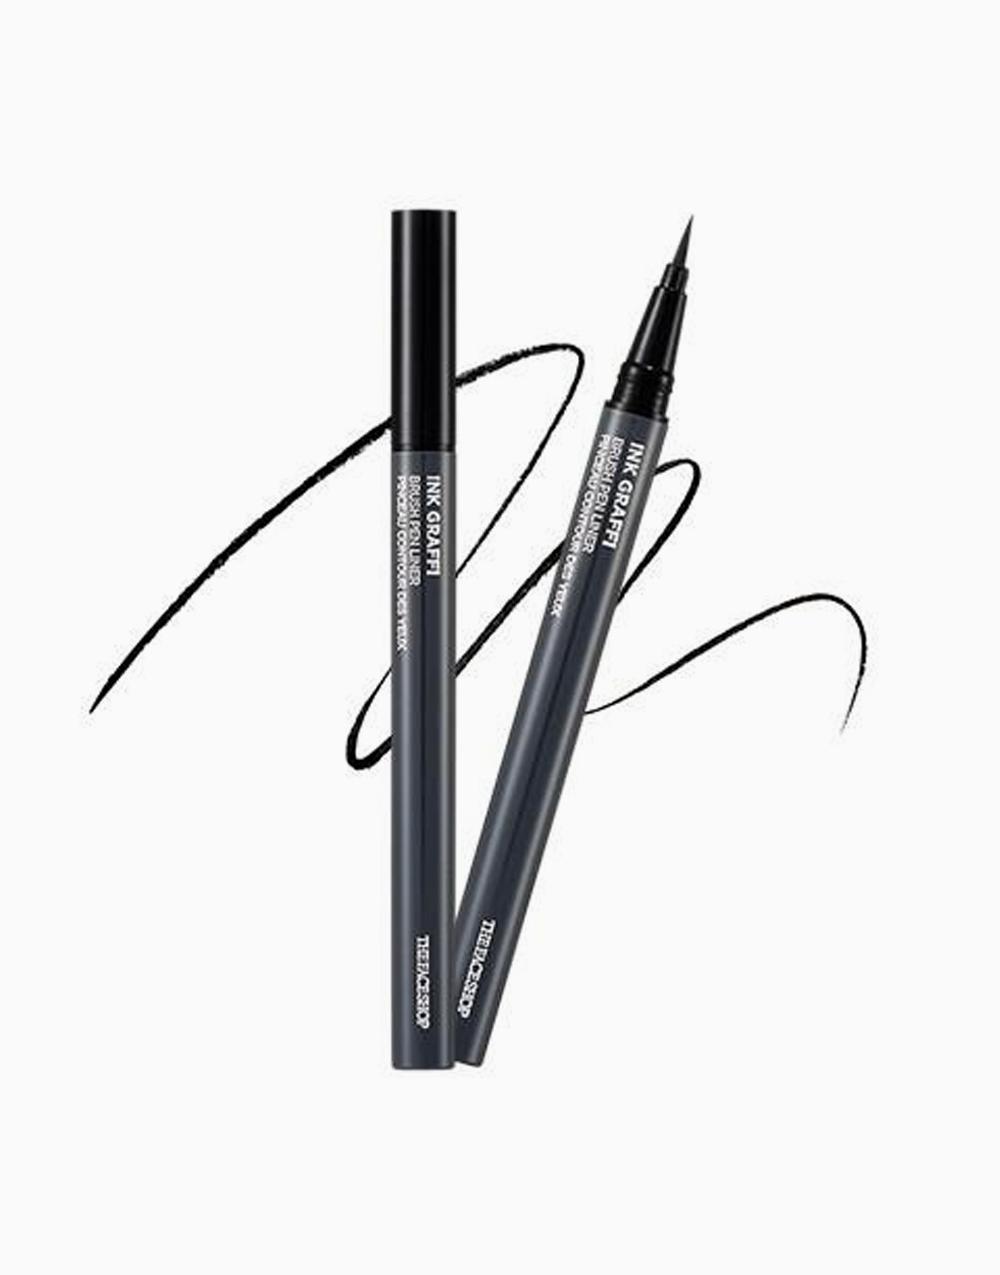 Ink Graffi Brush Pen Liner by The Face Shop | 01 Ink Black